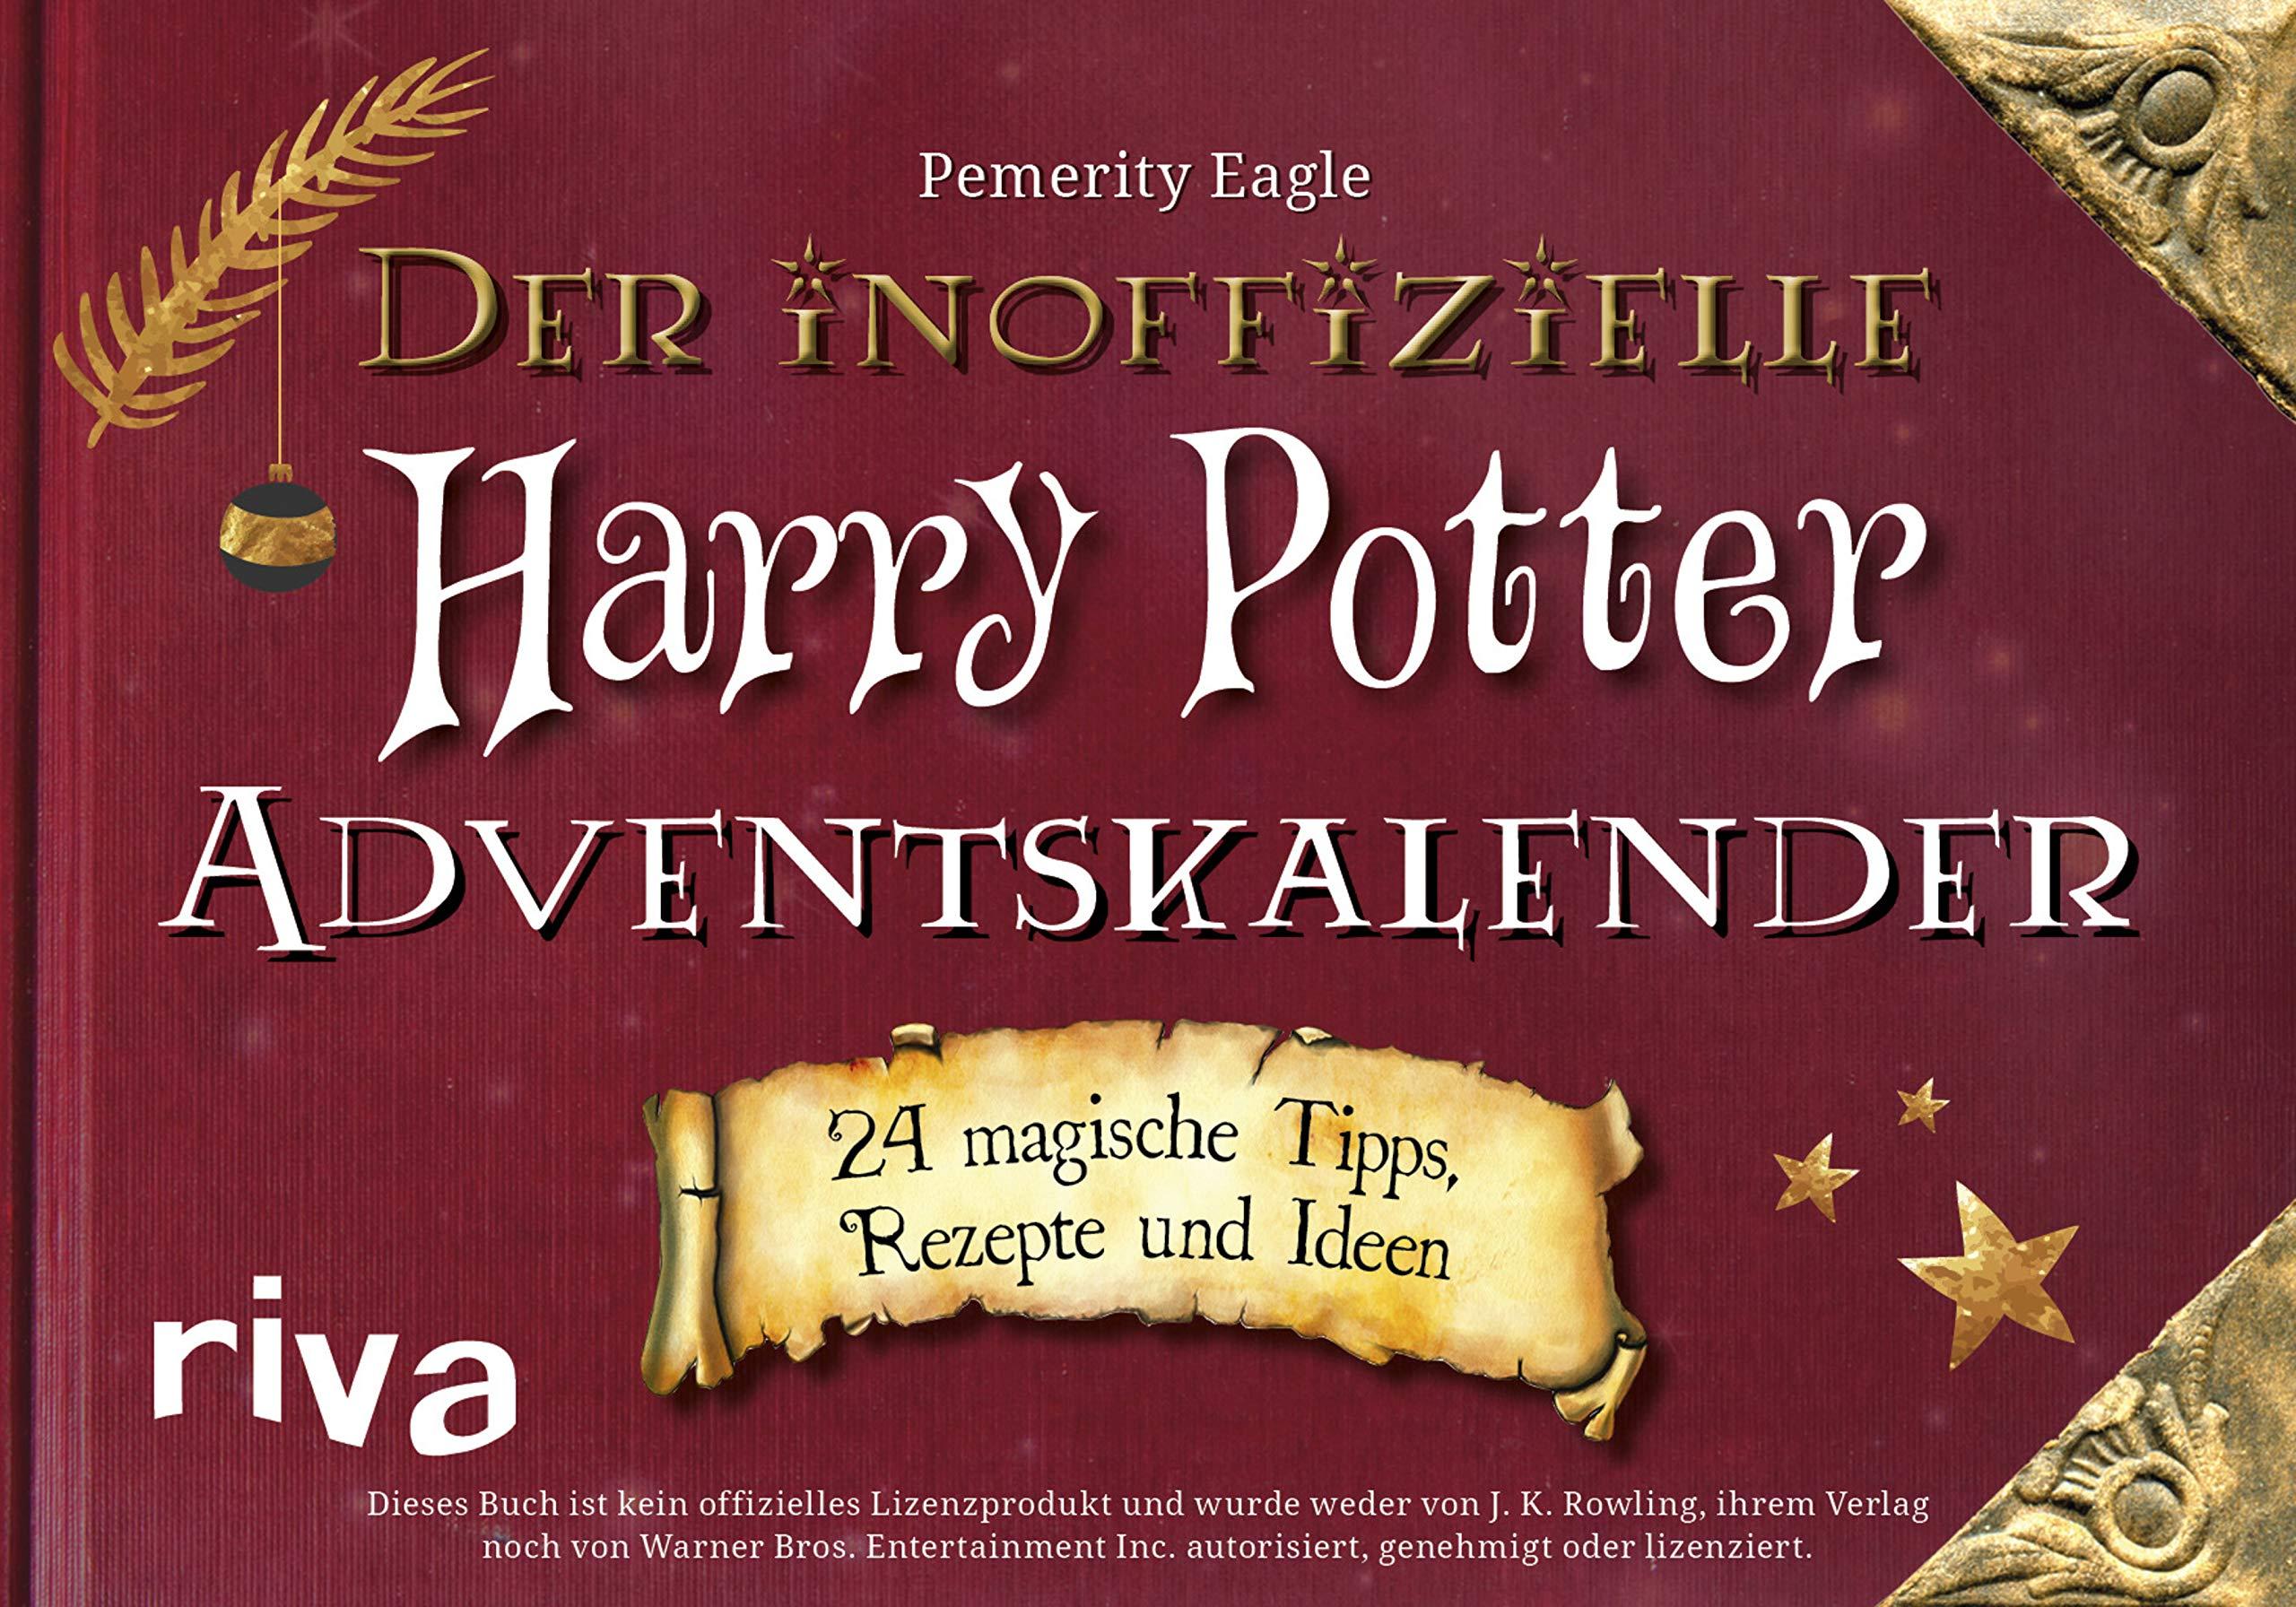 Der inoffizielle Harry Potter Adventskalender: 24 zauberhafte Tipps, Rezepte und Ideen Gebundenes Buch – 10. September 2018 Pemerity Eagle Riva 3742308130 Weihnachten